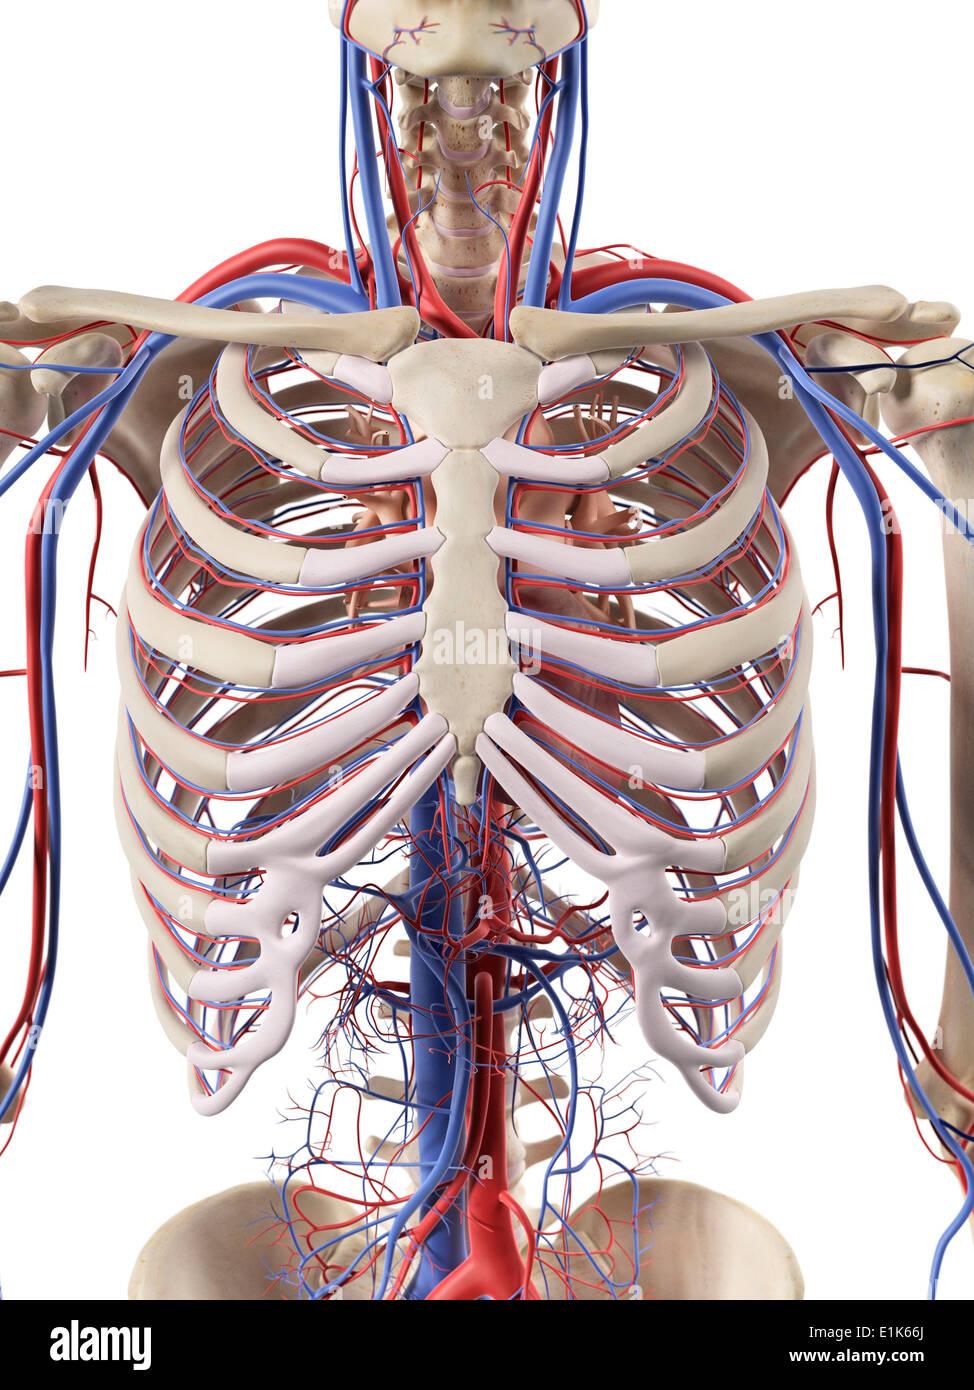 Menschlichen Blutgefäße im Brustkorb Computer Artwork Stockfoto ...